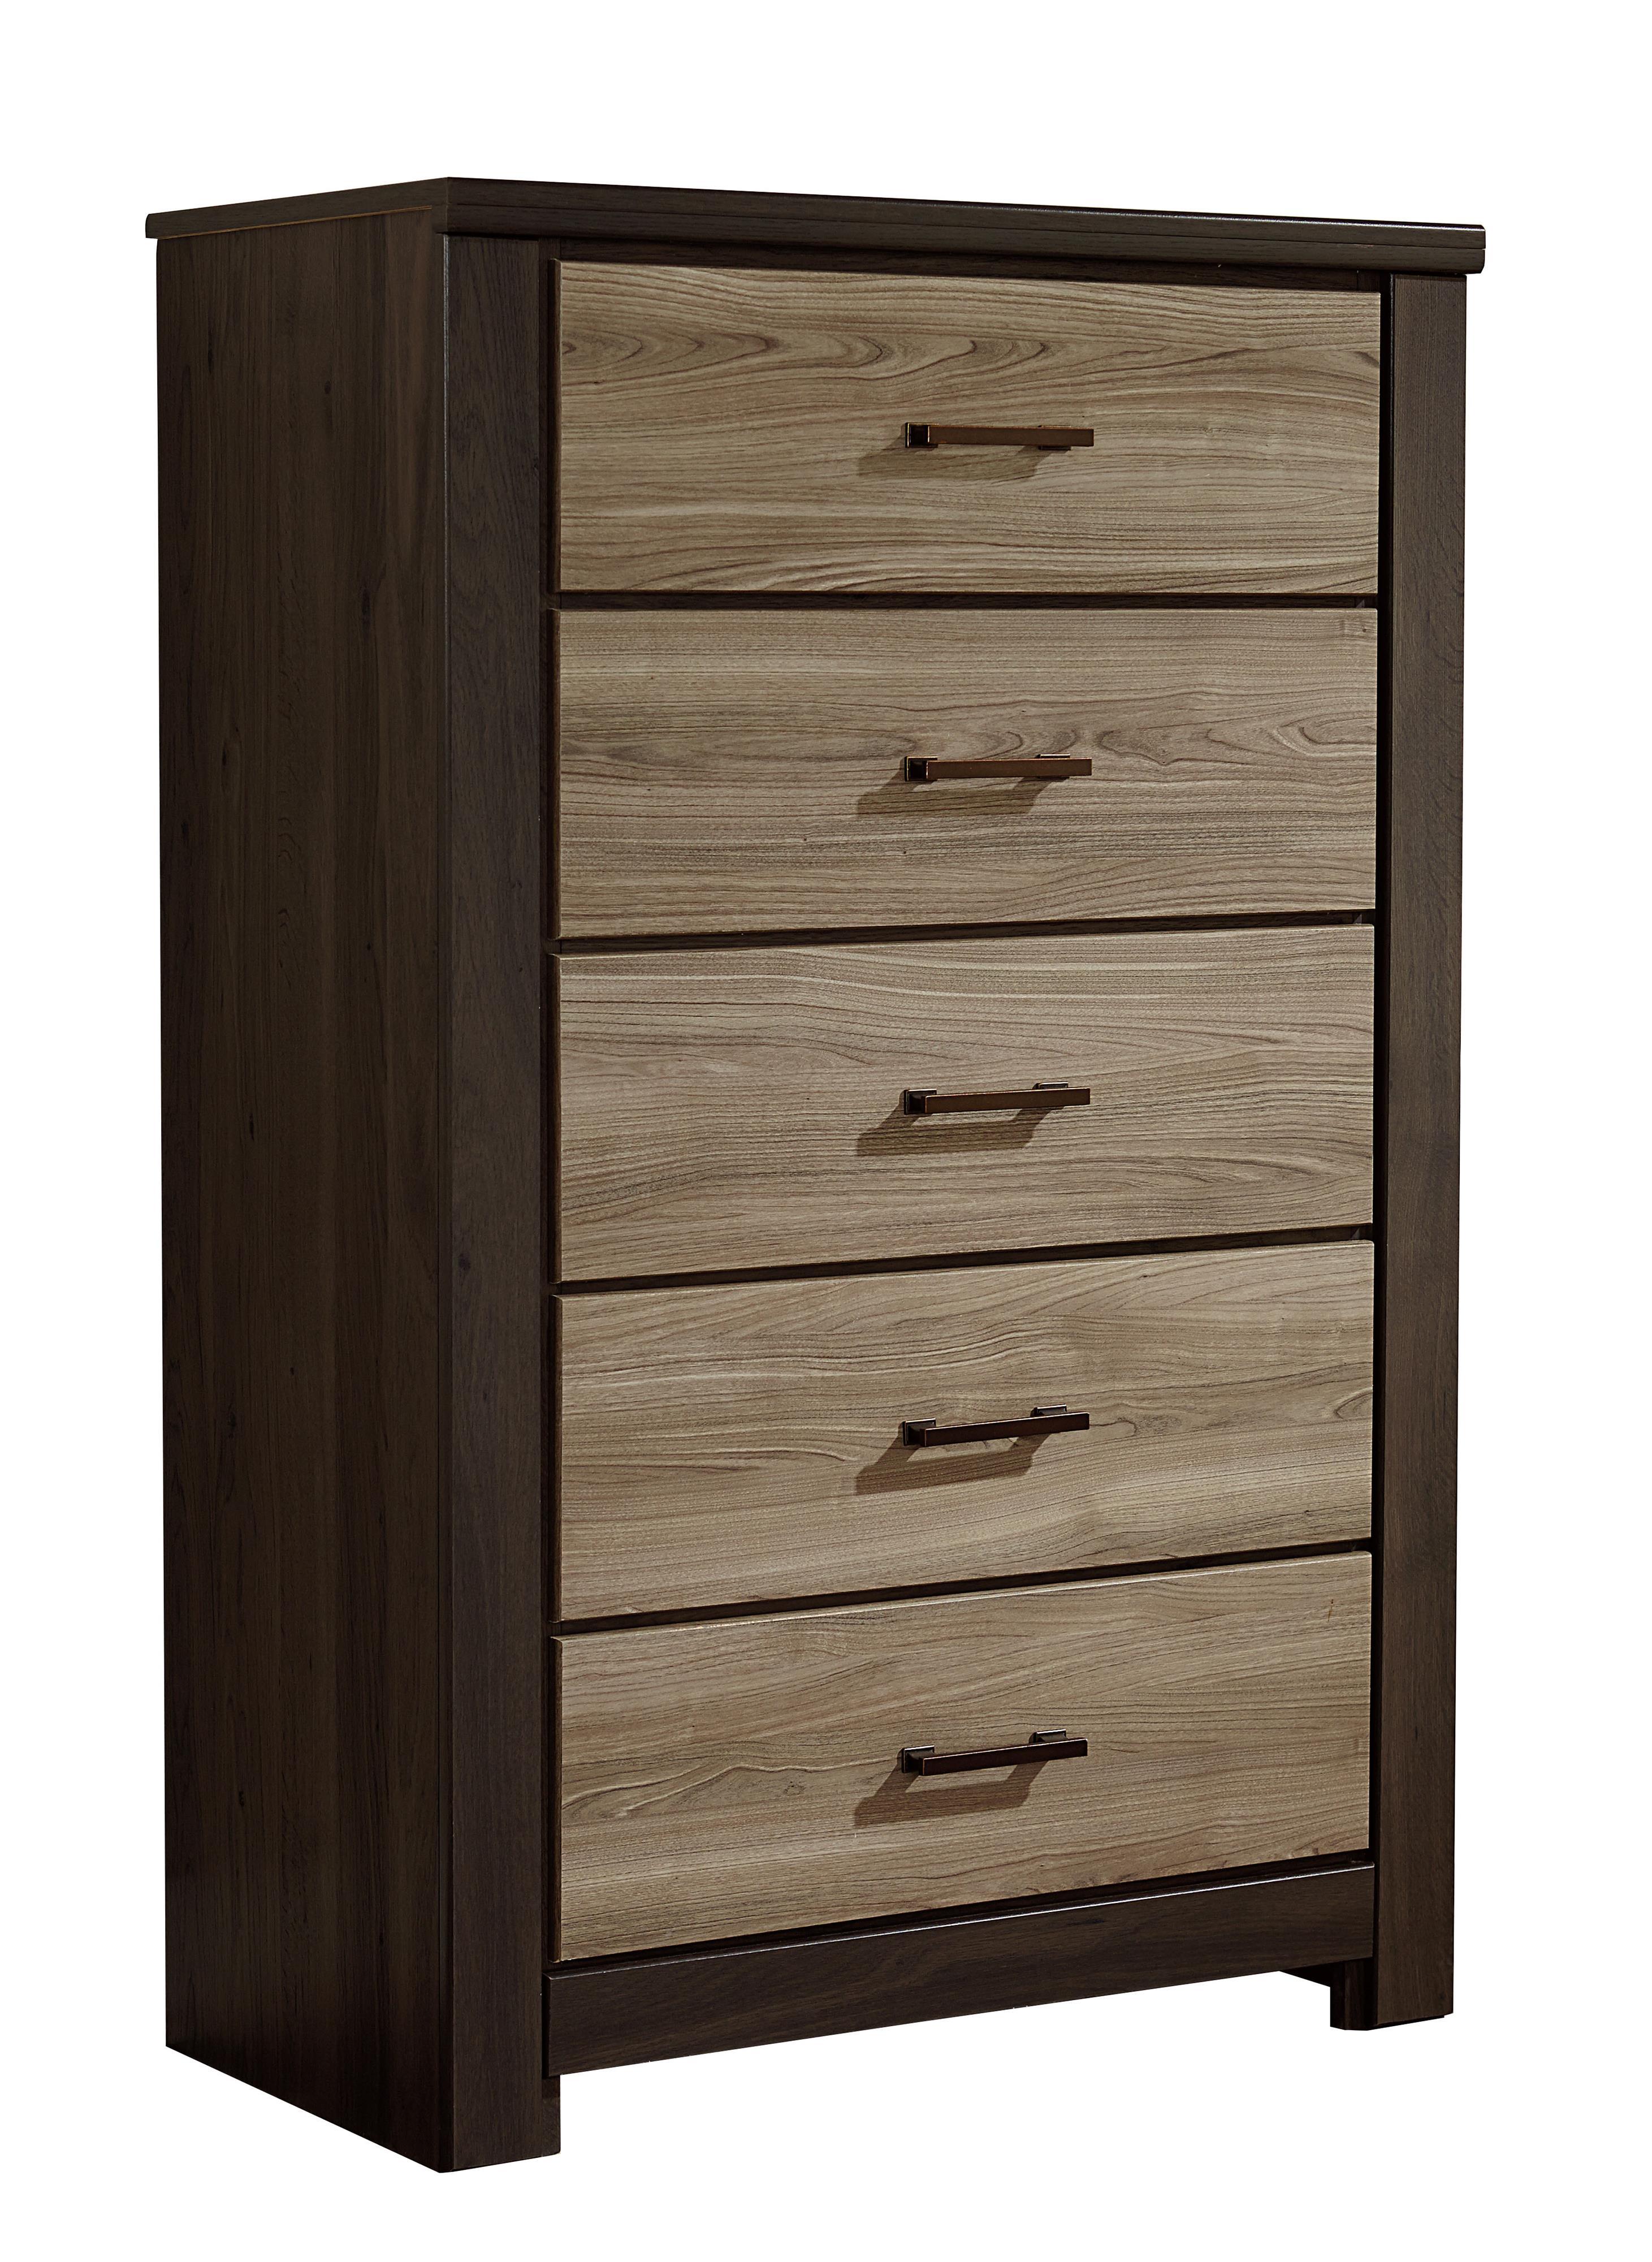 Standard Furniture Oakland Five Drawer Chest                     - Item Number: 69705